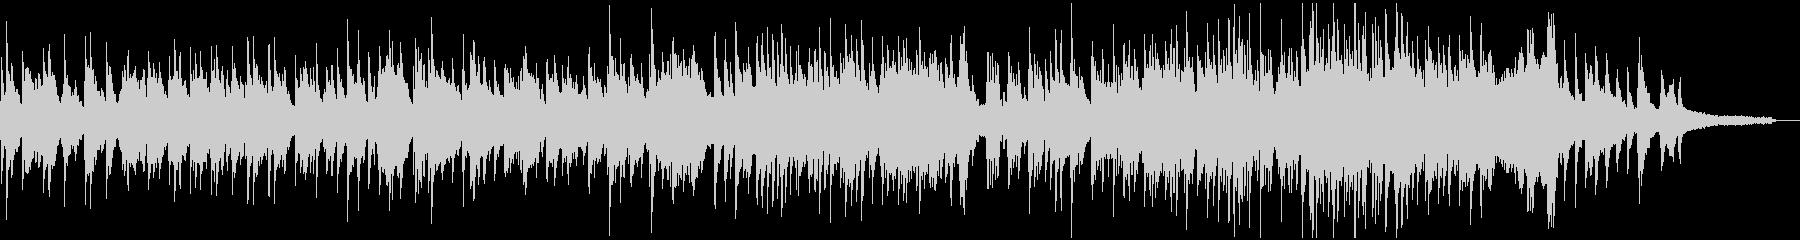 ゆったりとしたピアノソロ4分弱の未再生の波形